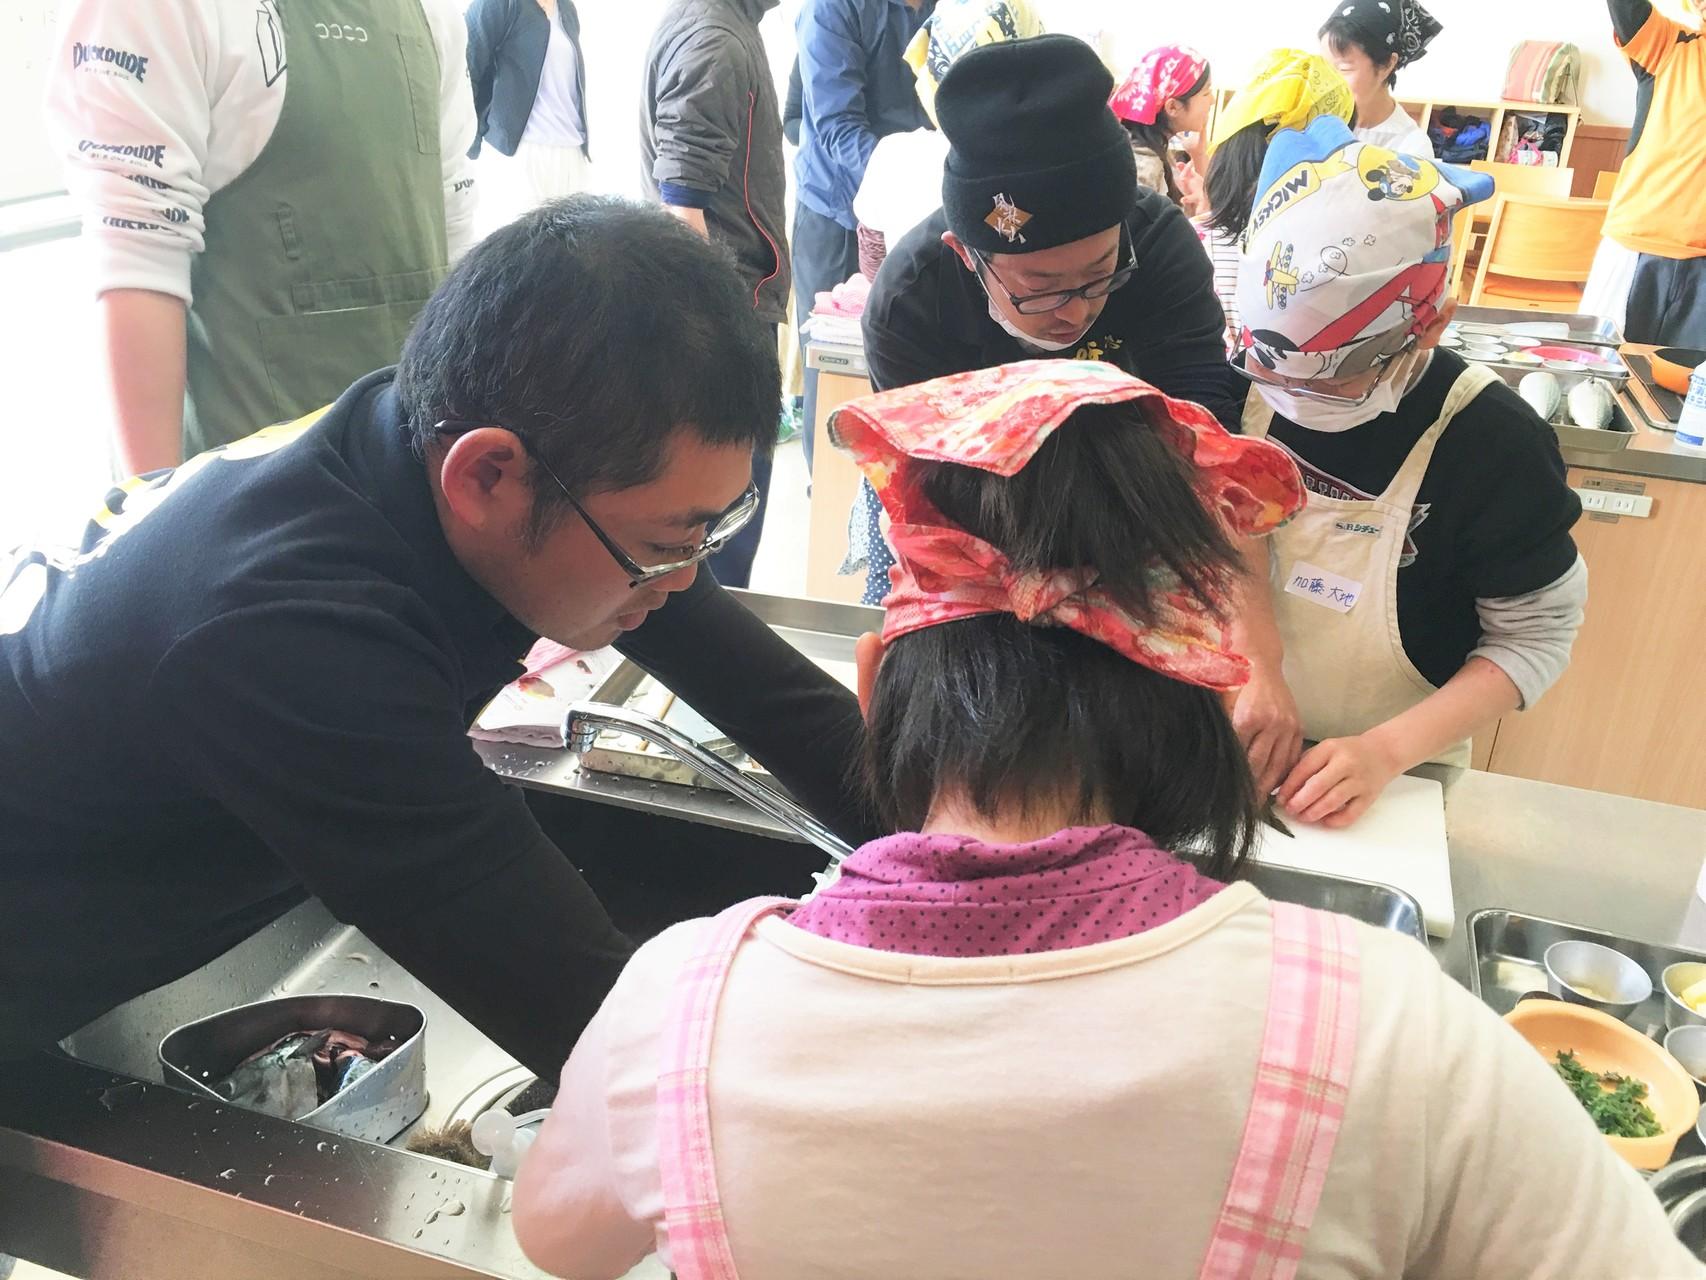 魚市場塩干部の牧野さん(左端)の指導を受ける生徒。